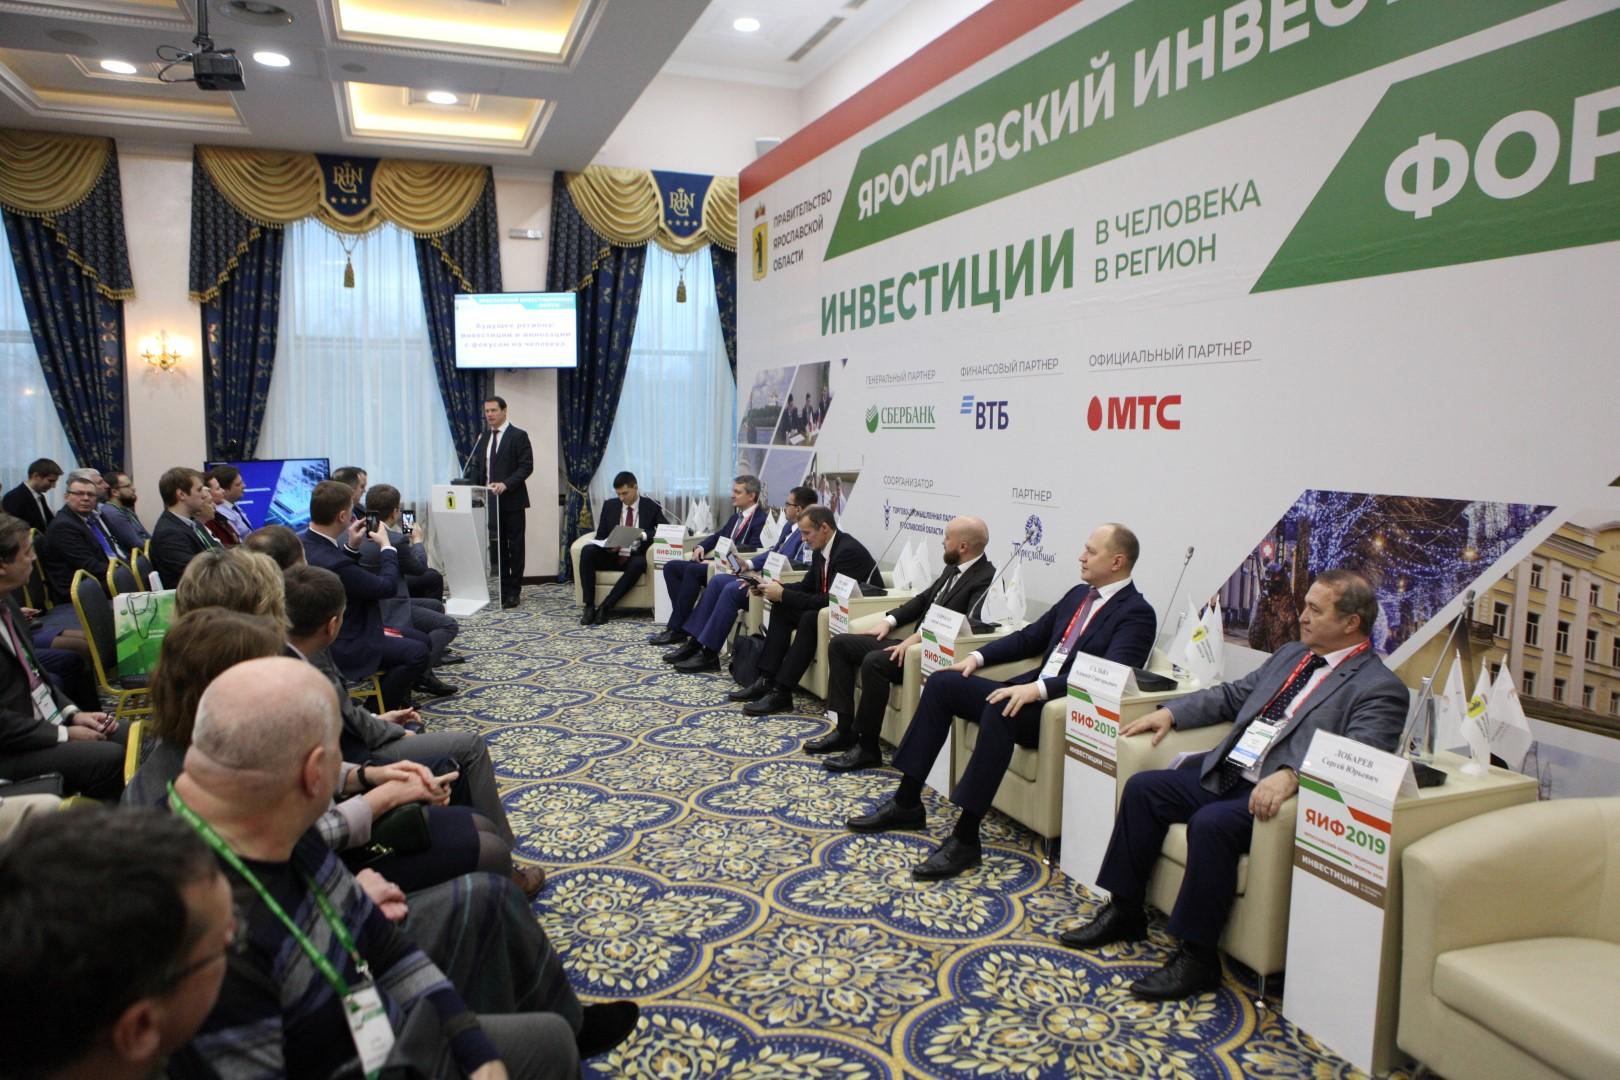 Ярославский инвестфорум: подписаны соглашения о реализации в регионе пяти проектов на 8 миллиардов рублей